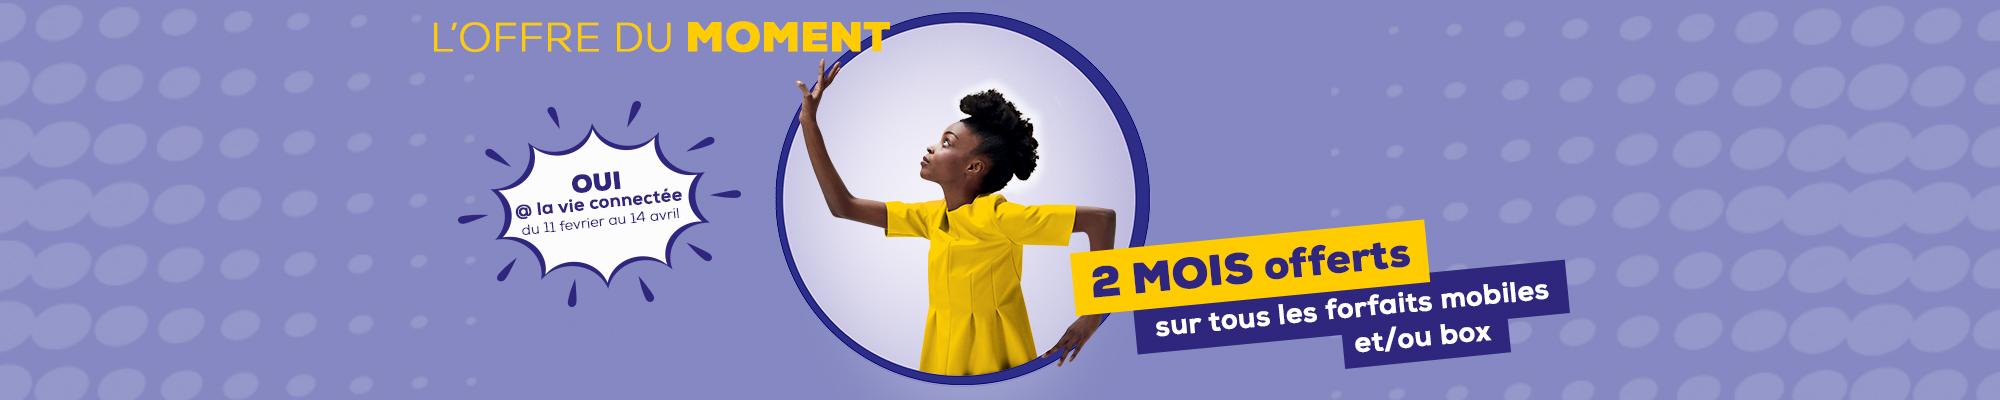 Oui à la vie connectée - 2 mois offerts sur tous les forfaits mobiles et/ou box